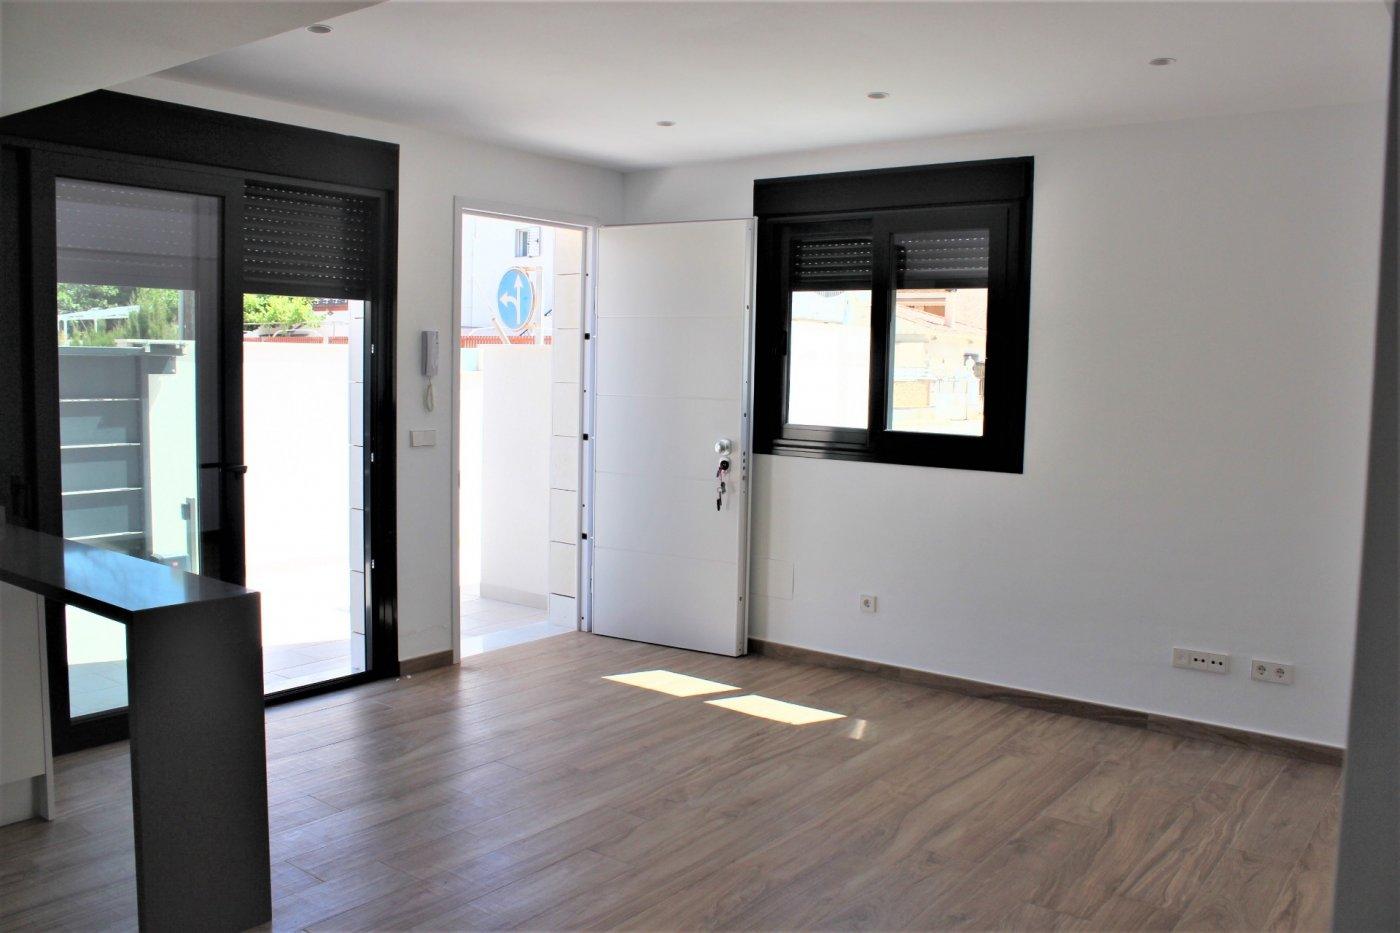 Moderno apartamento planta baja en el mojón - imagenInmueble3